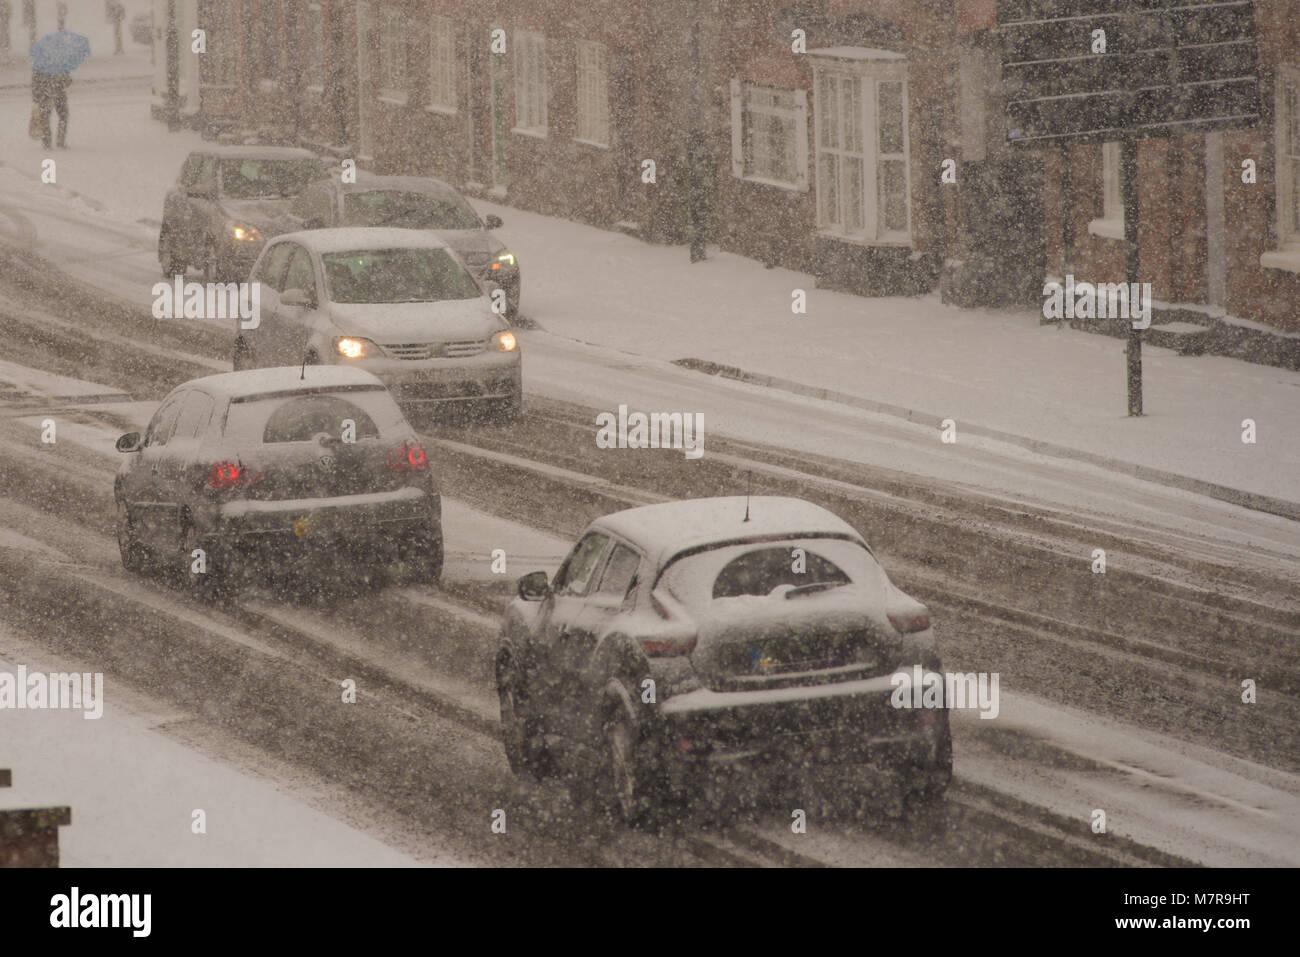 Le chaos dans la circulation avec des voitures britanniques voyageant le long de la route couverte de neige pendant un blizzard Banque D'Images